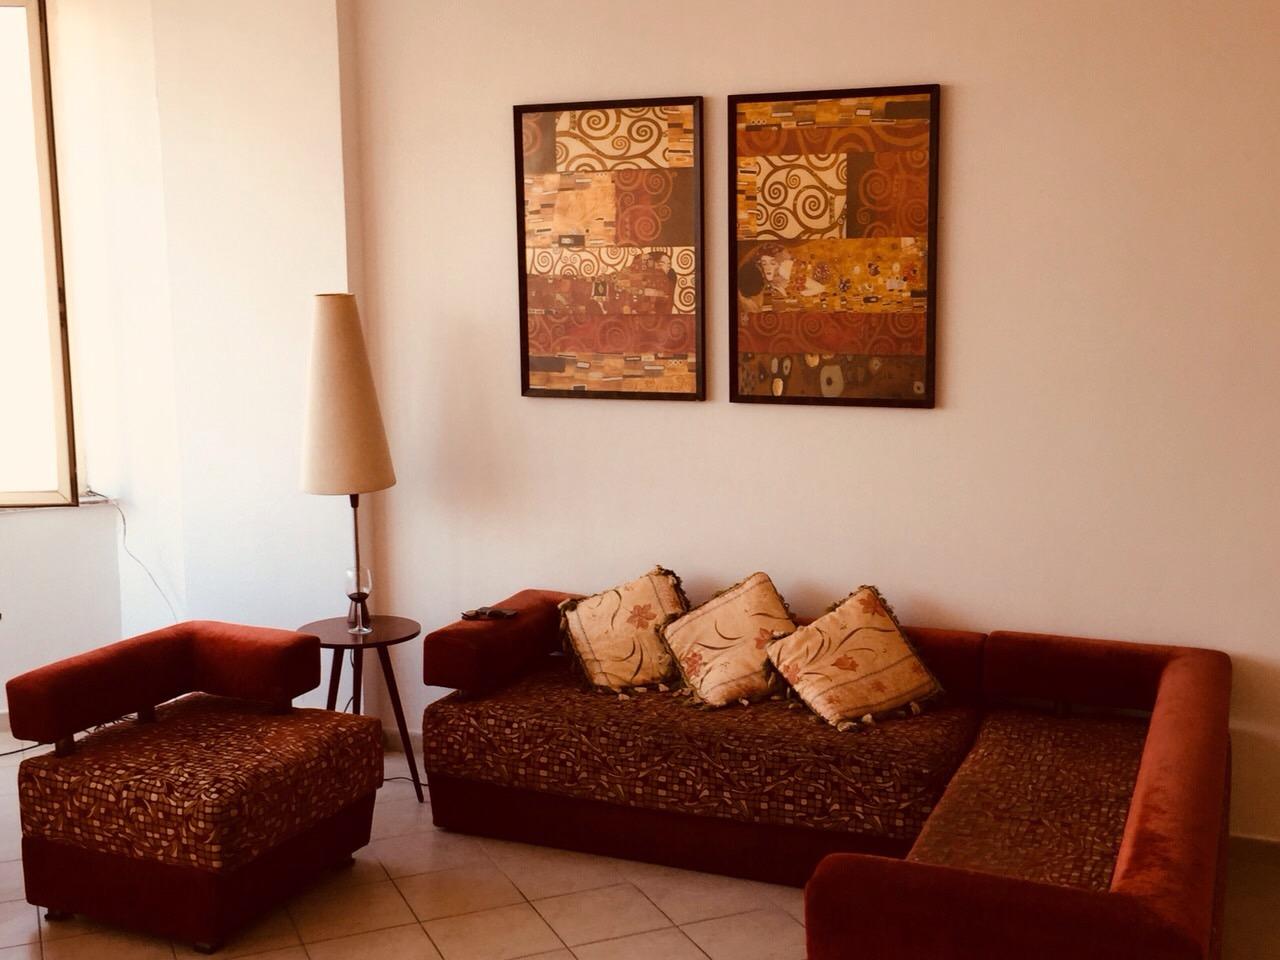 Apartament 2+1 Vetem 50m nga Deti ne plazh Iliria